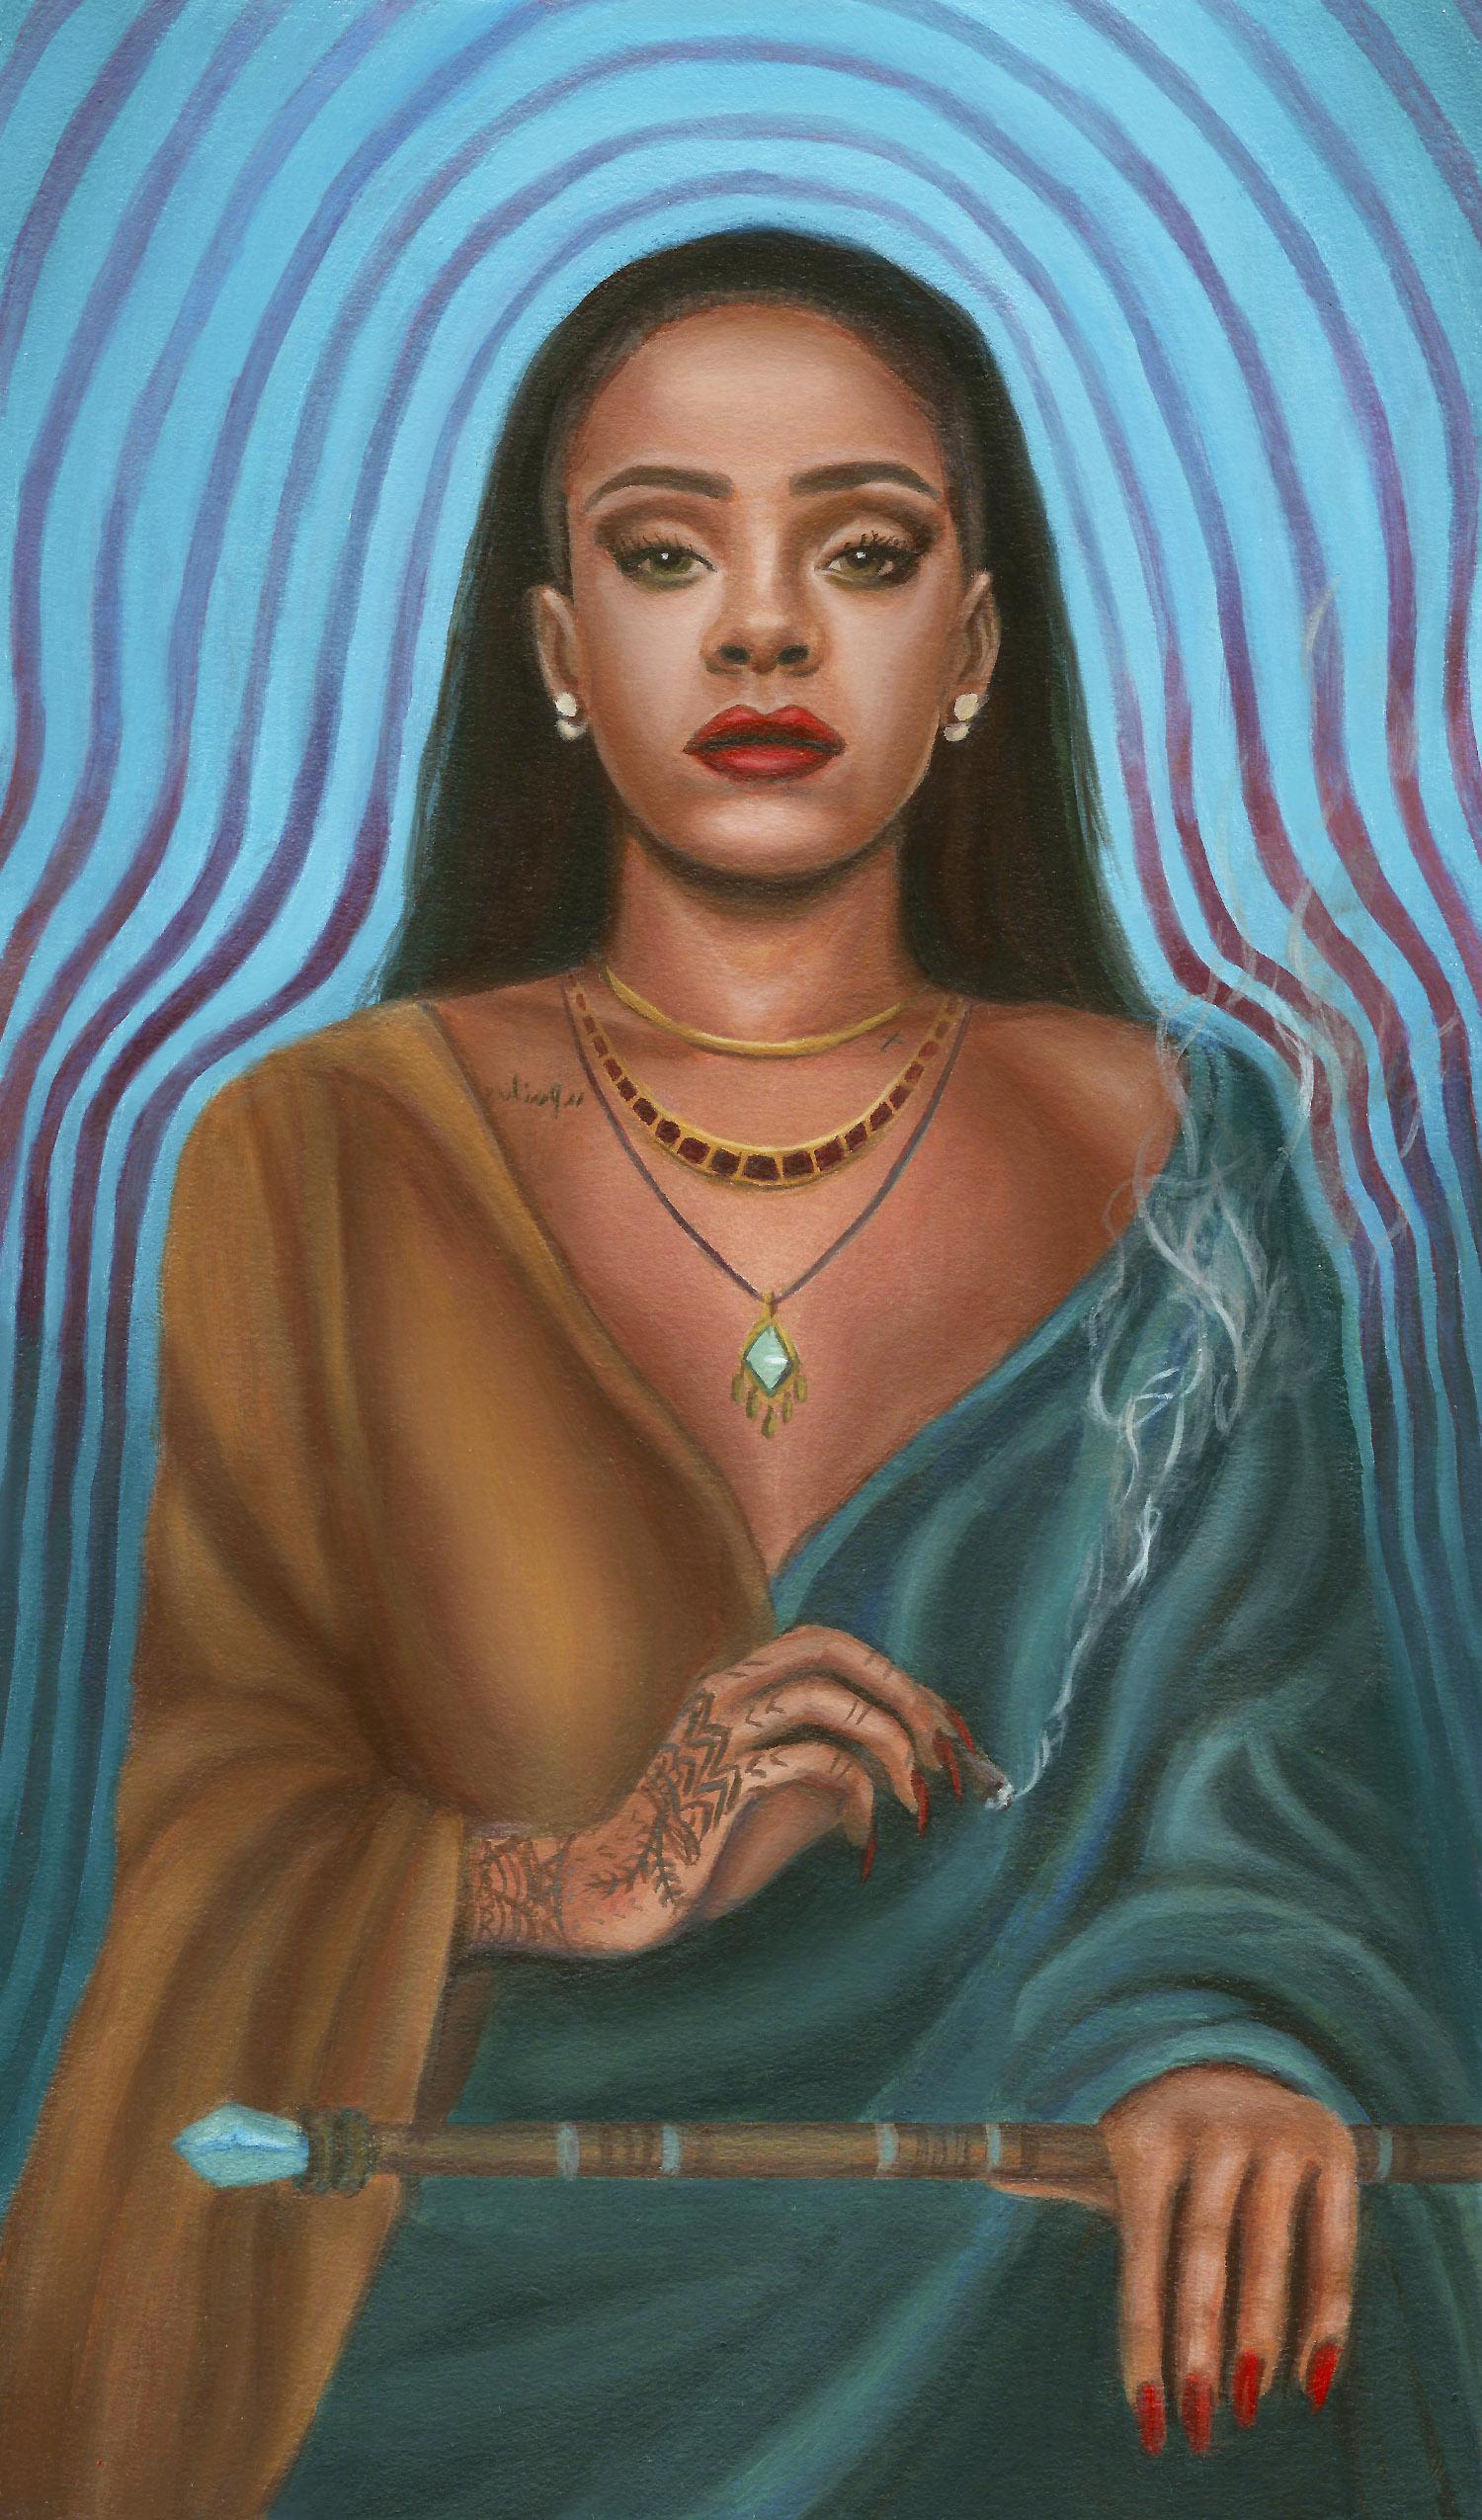 AmandaArlotta_Rihanna_Anti_2016